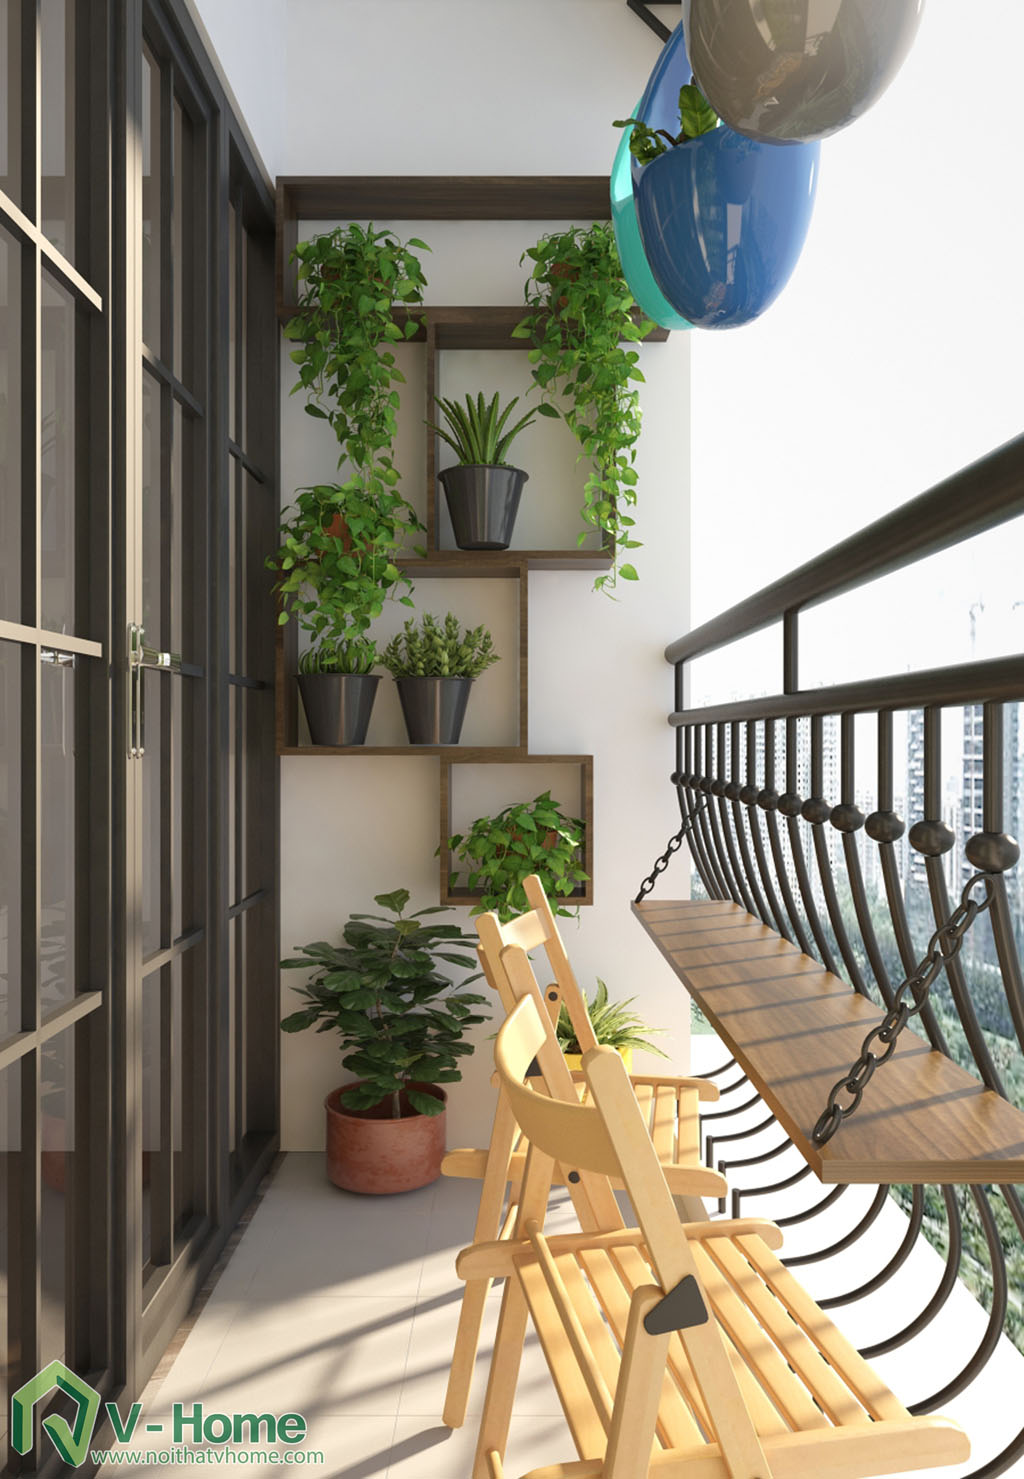 thiet-ke-phong-ngu-an-binh-city-11 Thiết kế nội thất chung cư An Bình City - A. Dũng